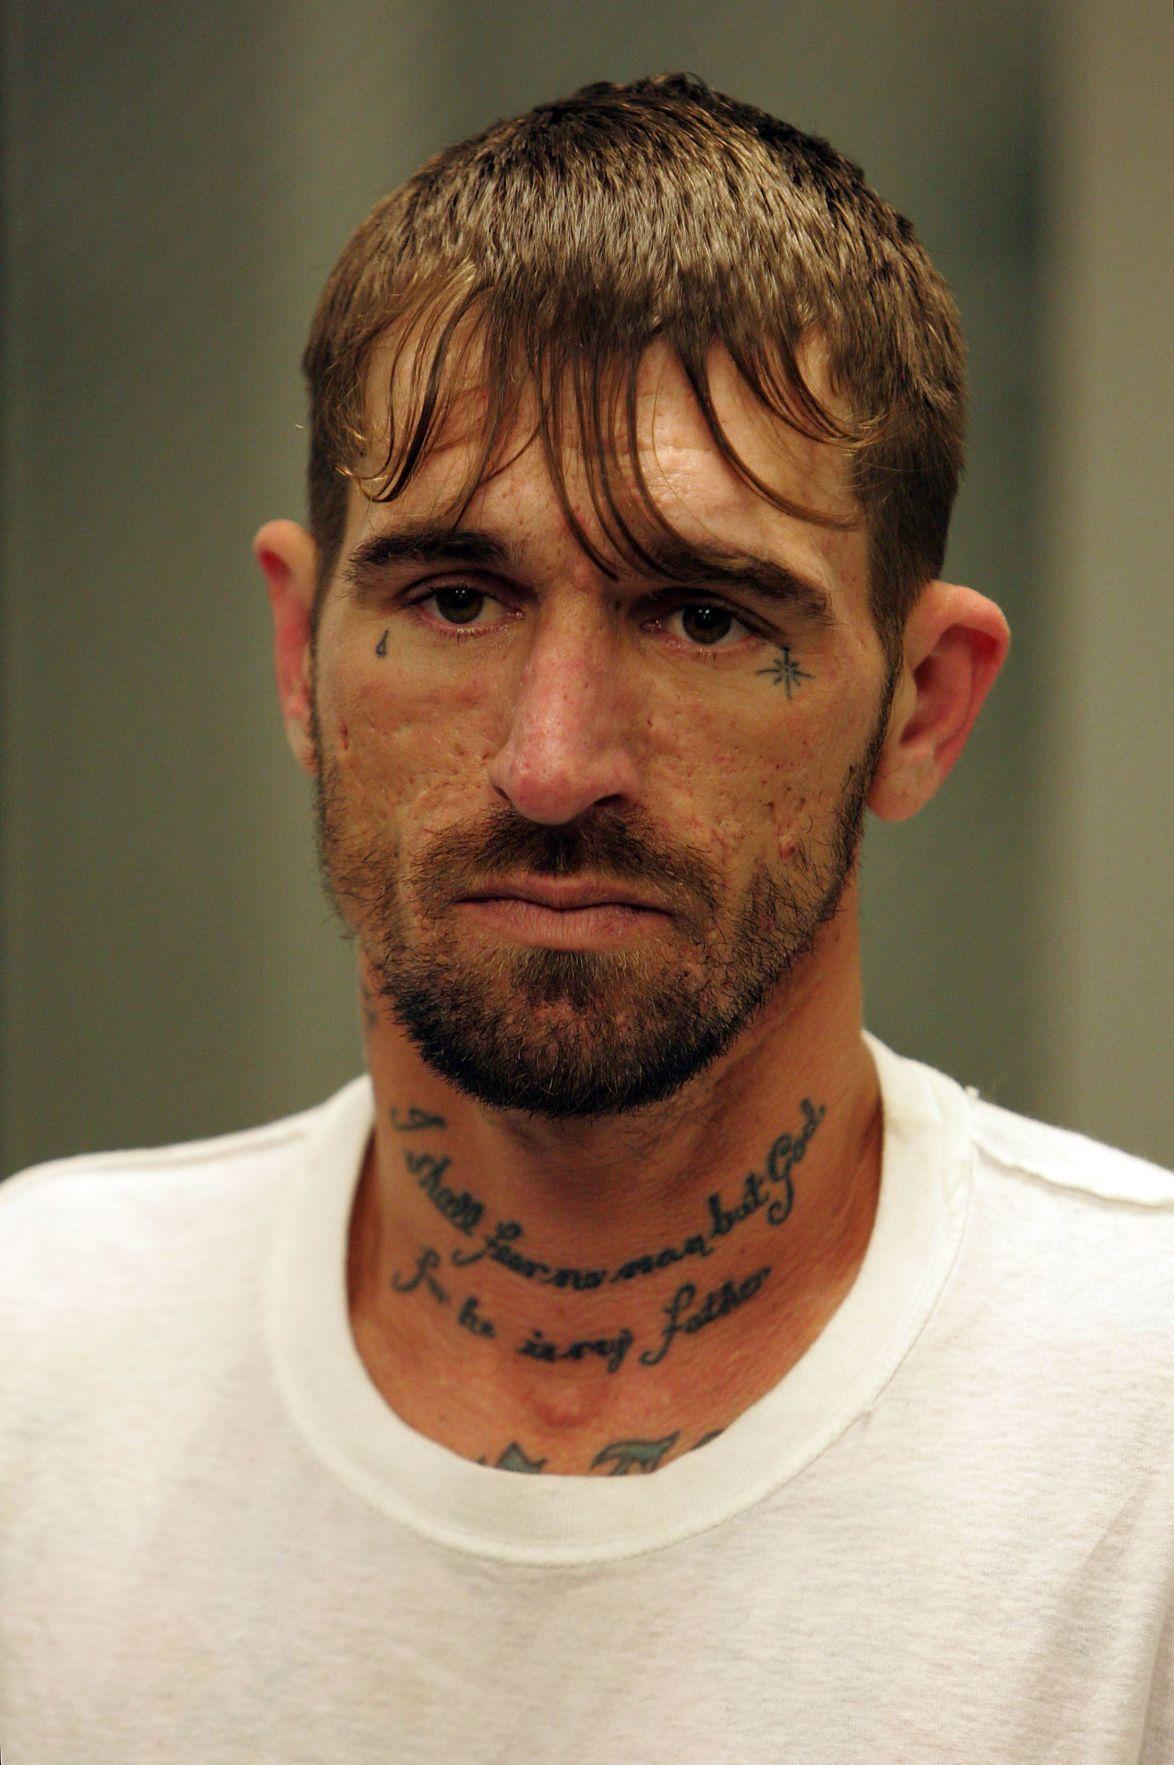 Meth maker sentenced in fatal fire